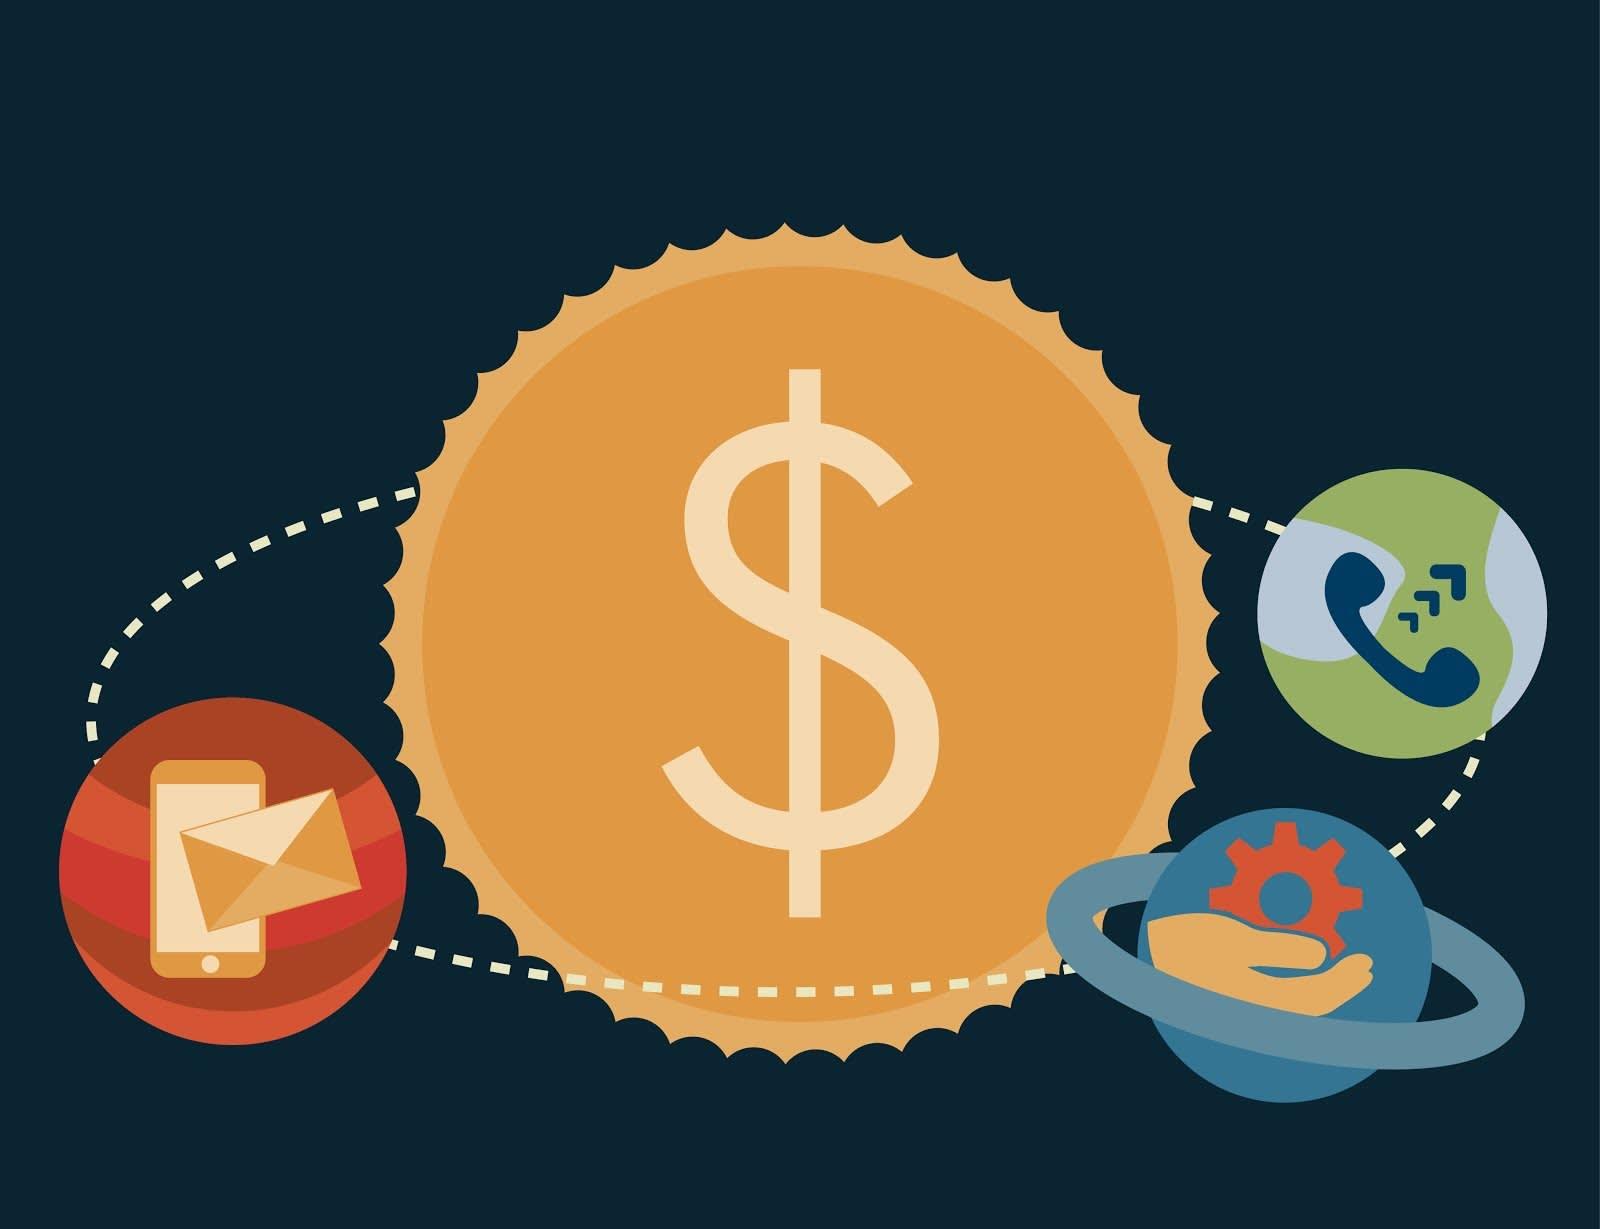 営業活動とサービス活動は、請求と収益認識という太陽の周りを回転する惑星のようなものです。